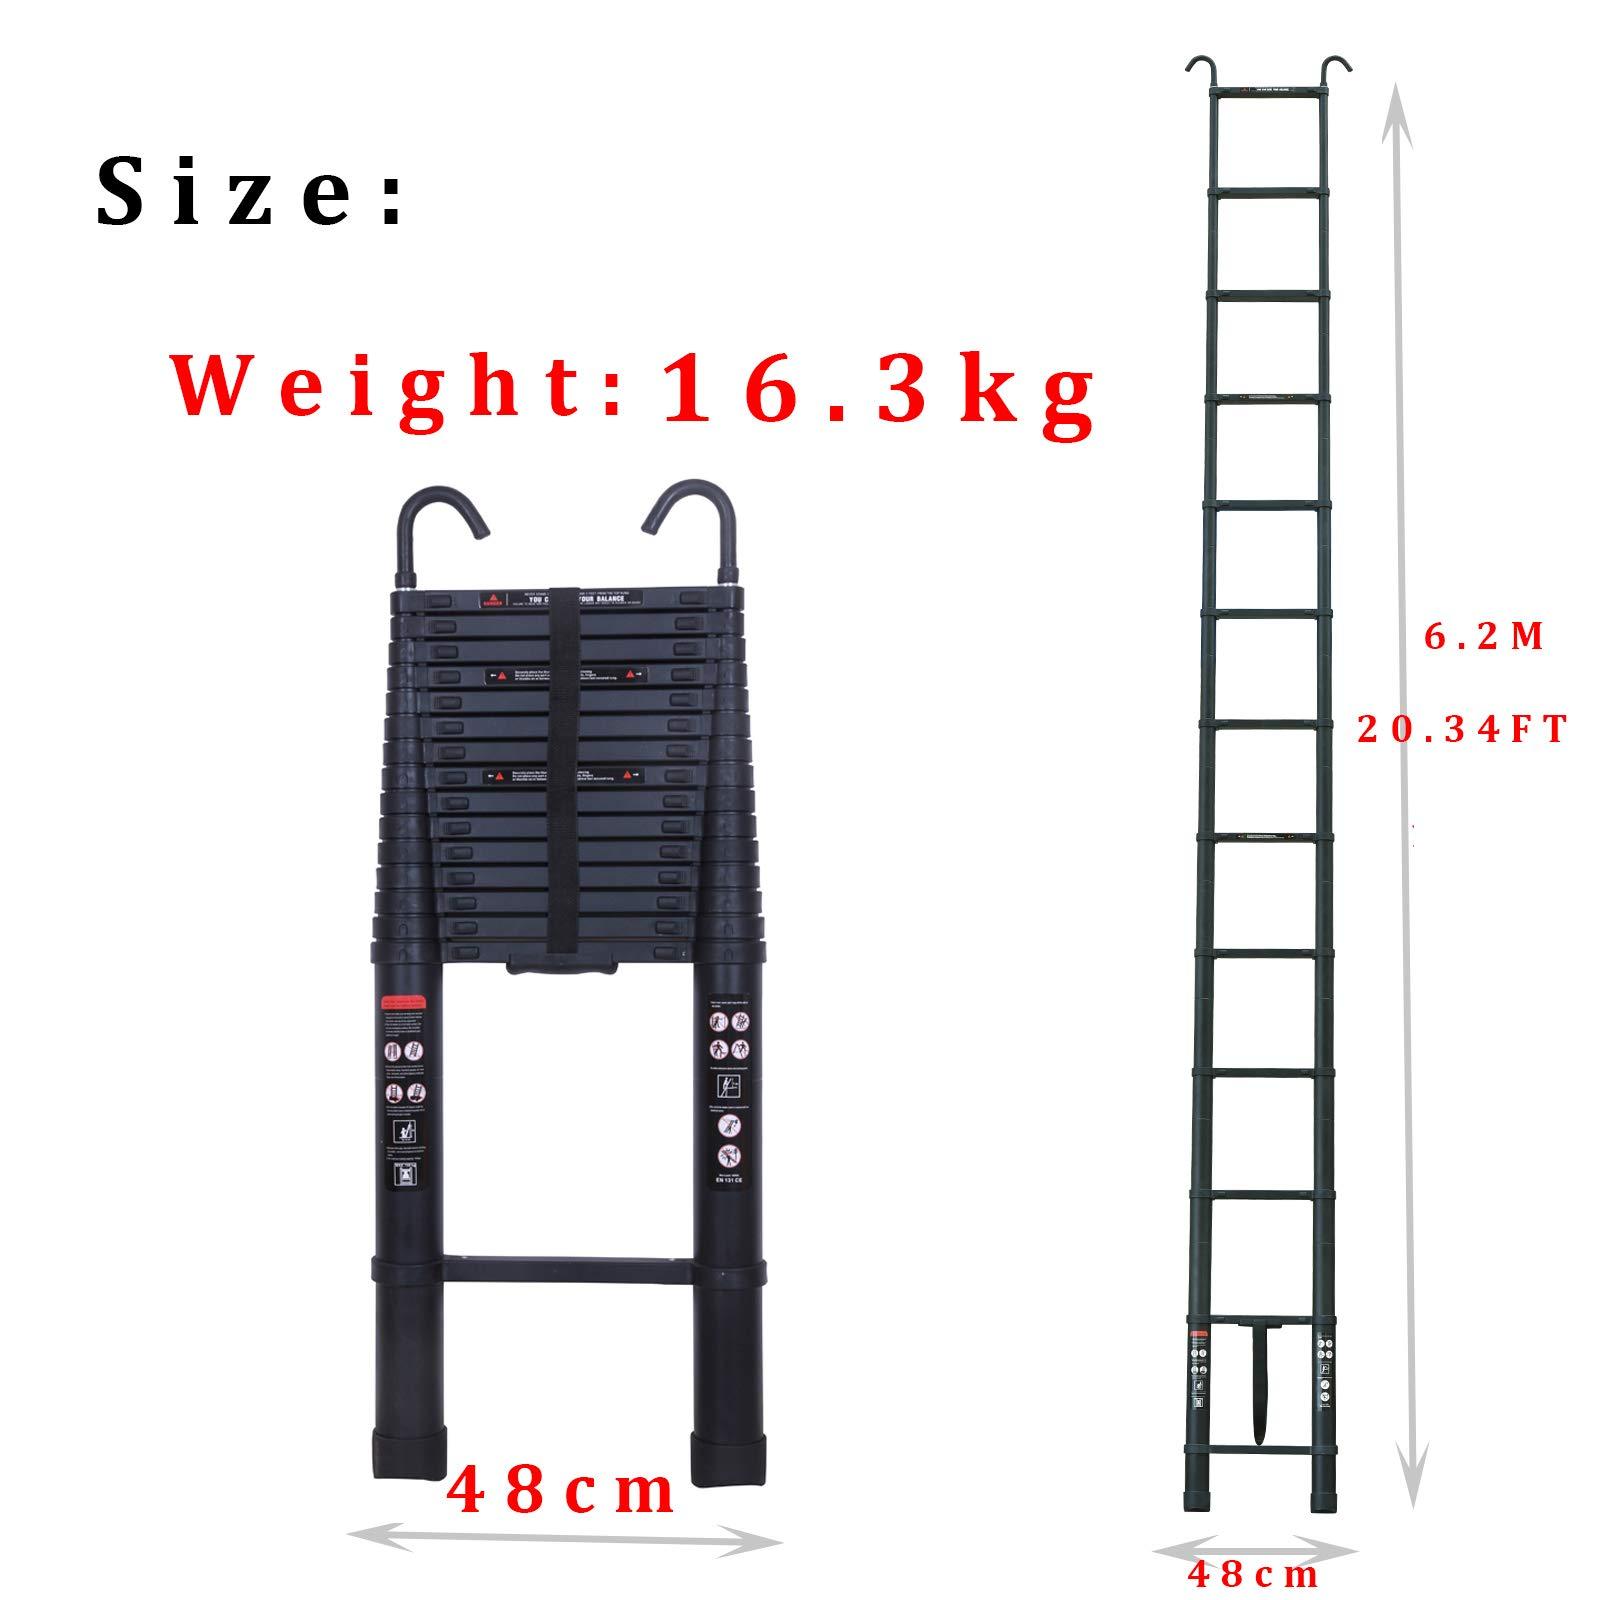 Escalera plegable de aluminio de 6,2 m con gancho desmontable, escalera de extensión recta de alta calidad con carga máxima de 150 kg, para uso multiuso: Amazon.es: Bricolaje y herramientas